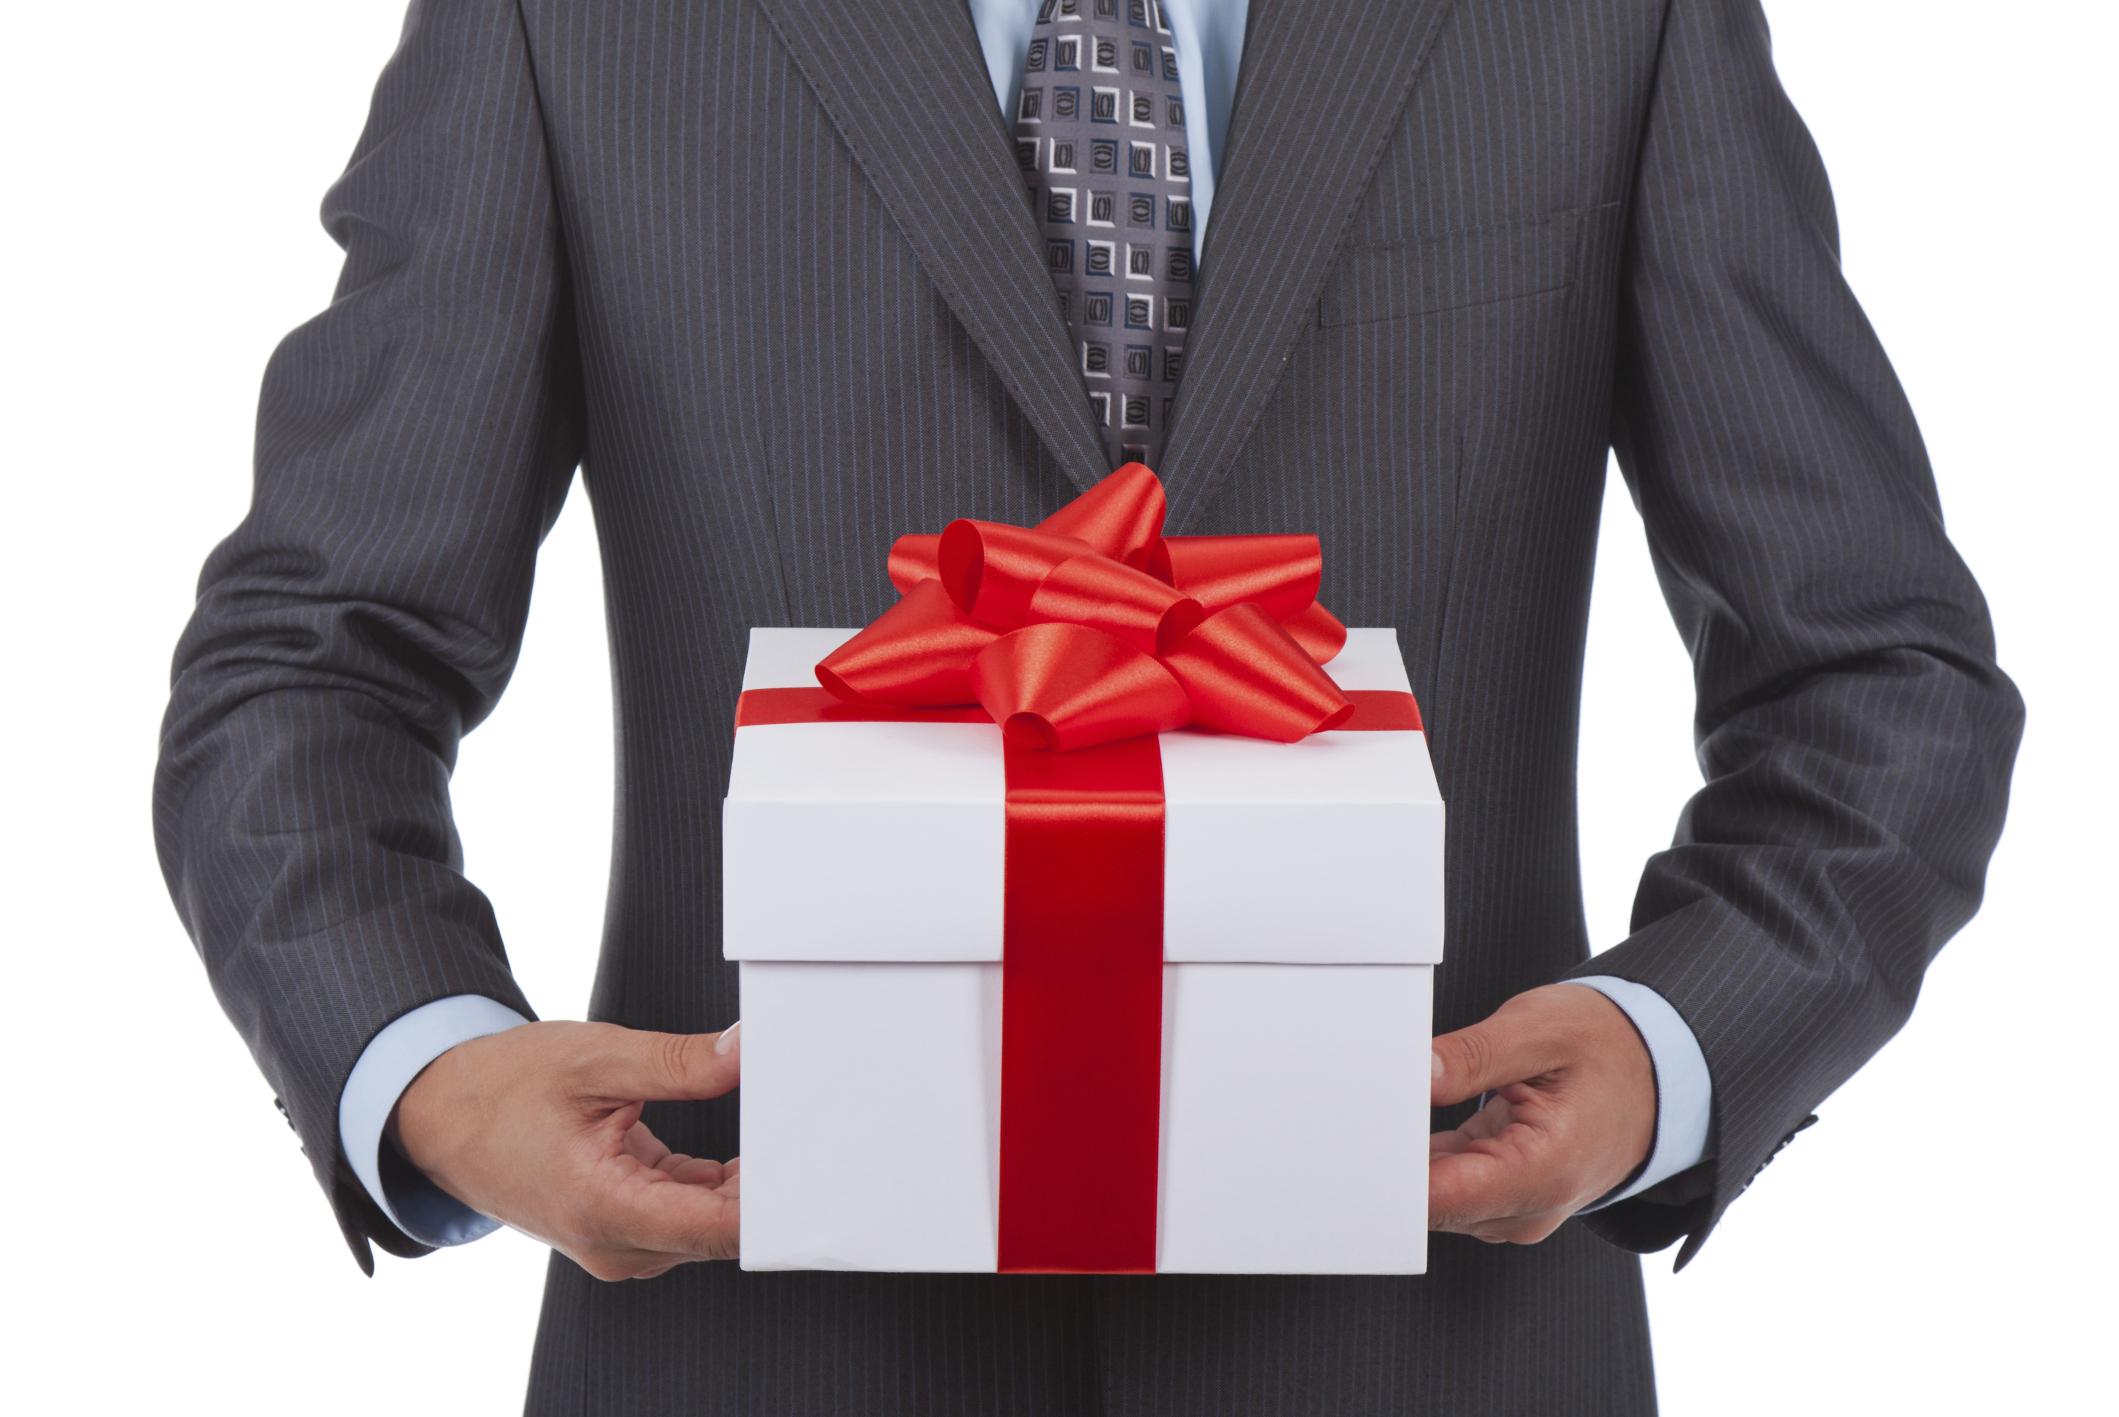 Подарки получаемые или предоставляемые сотрудниками организации